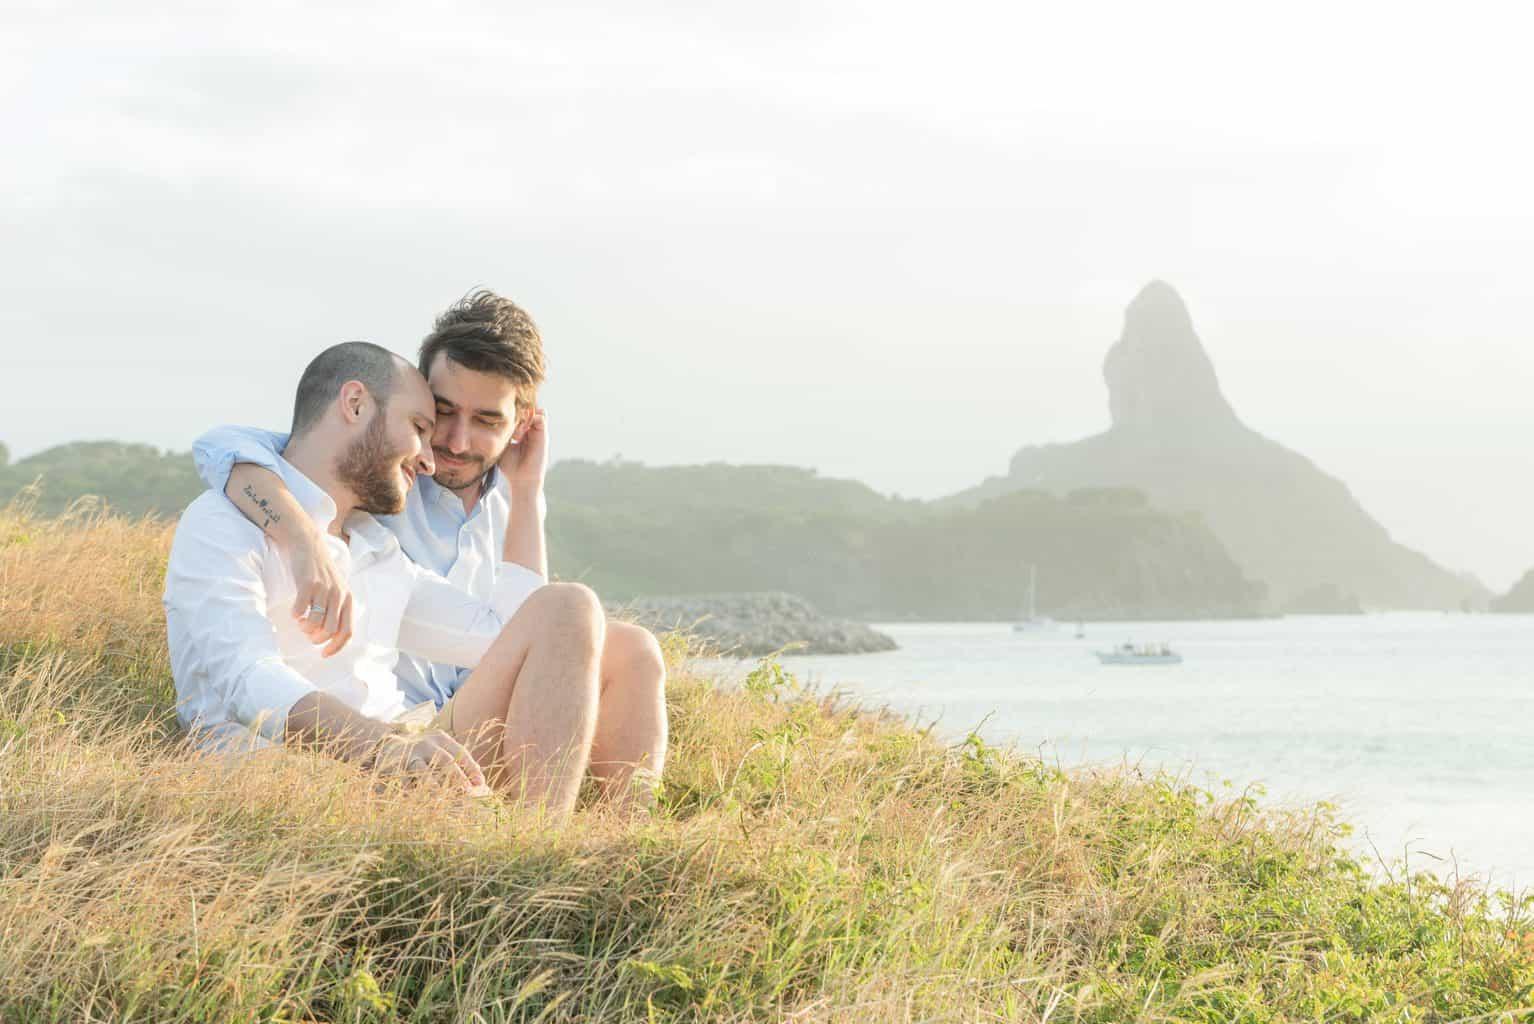 0016_Ensaio-Thi-e-Marcelo_Pre-Wedding71Ensaio-fotográfico-Marina-Fava-Poses-CaseMe5809-x-3878